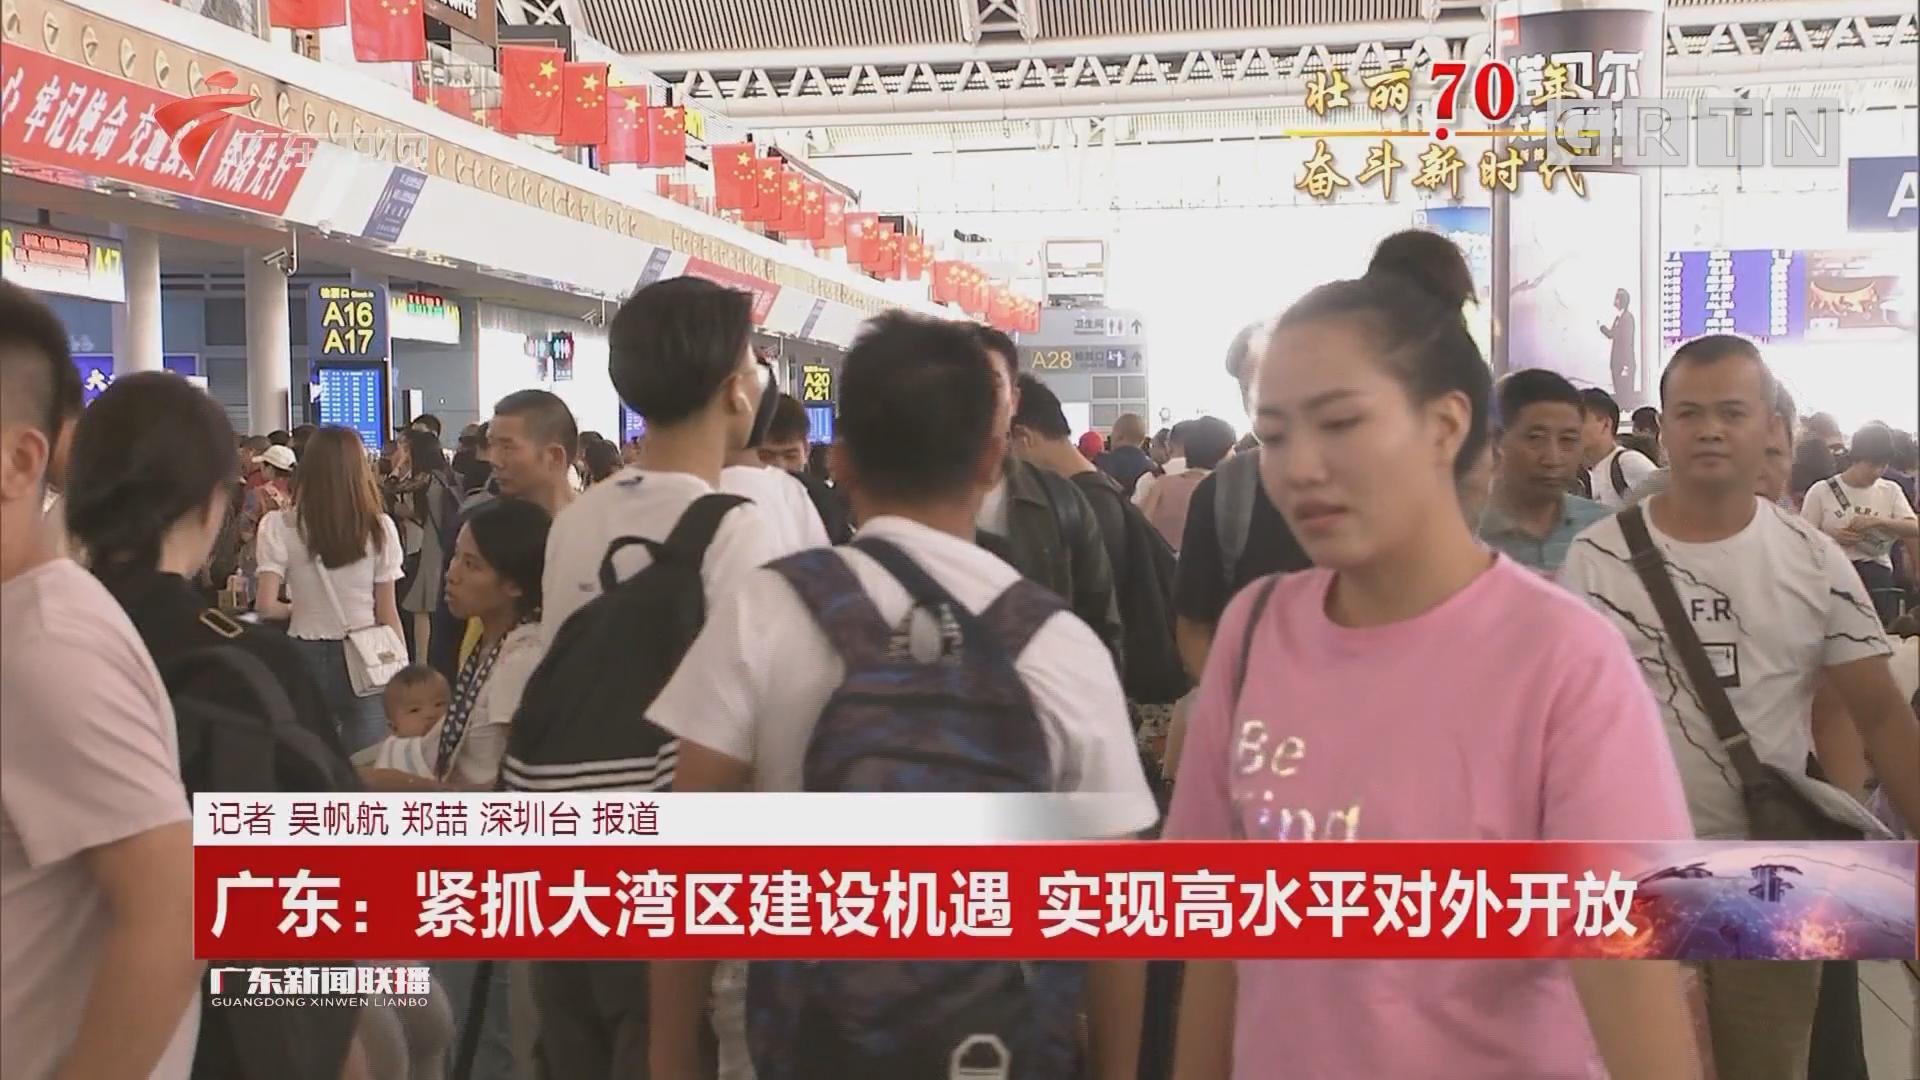 共和國發展成就巡禮 廣東:緊抓大灣區建設機遇 實現高水平對外開放